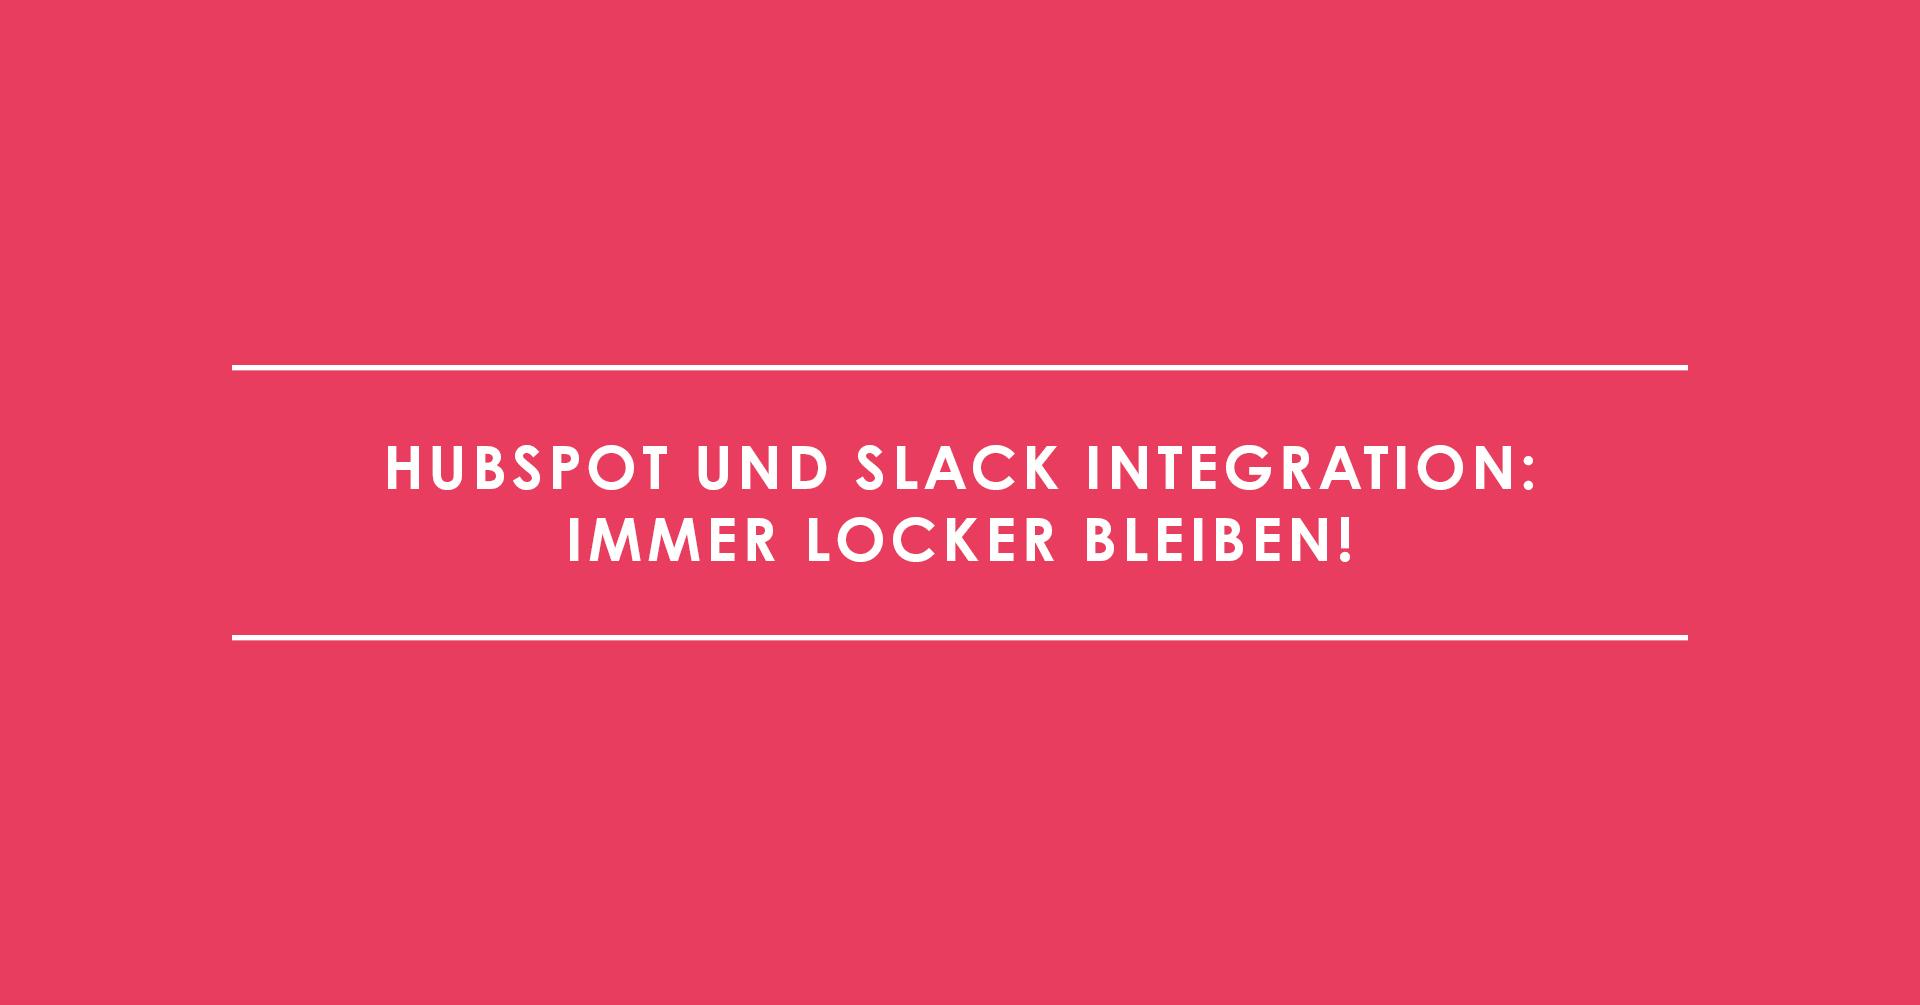 HubSpot und Slack Integration: immer locker bleiben!